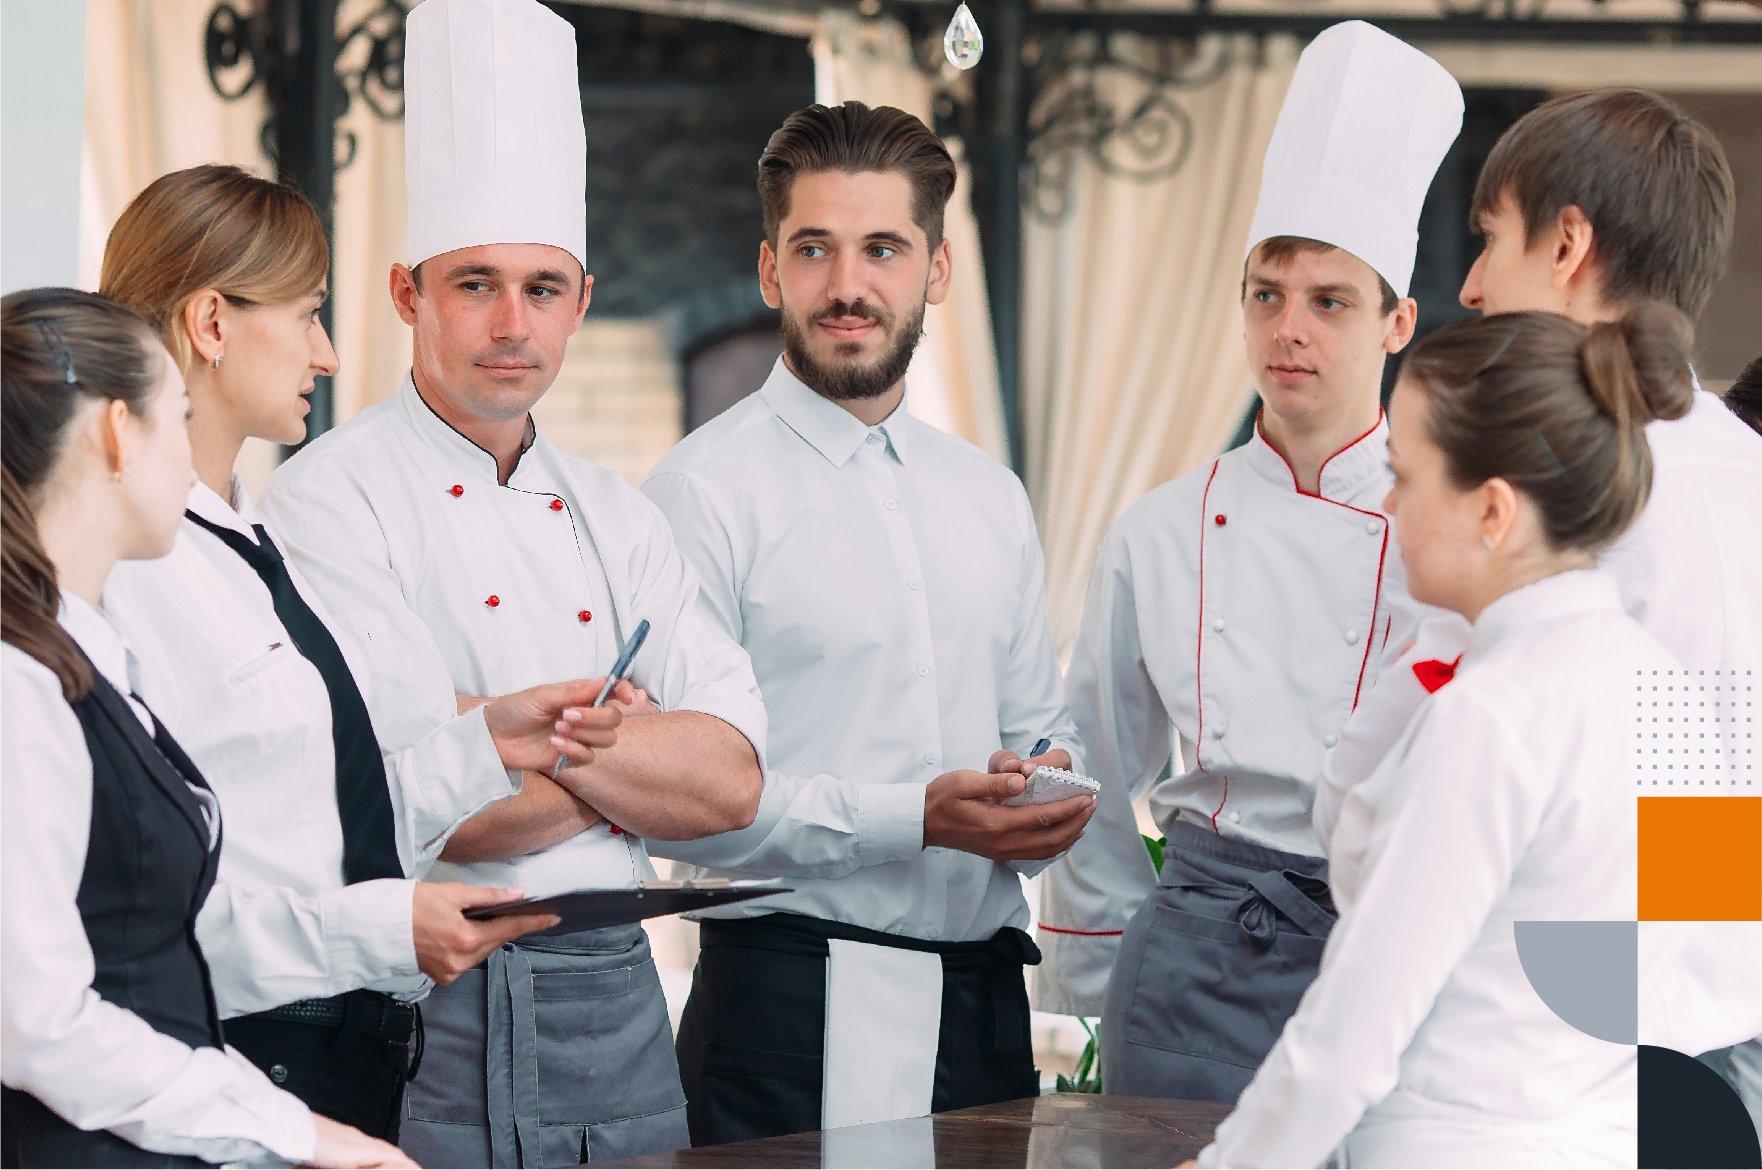 imagem com uma roda de sete pessoas que representam uma equipe de restaurante